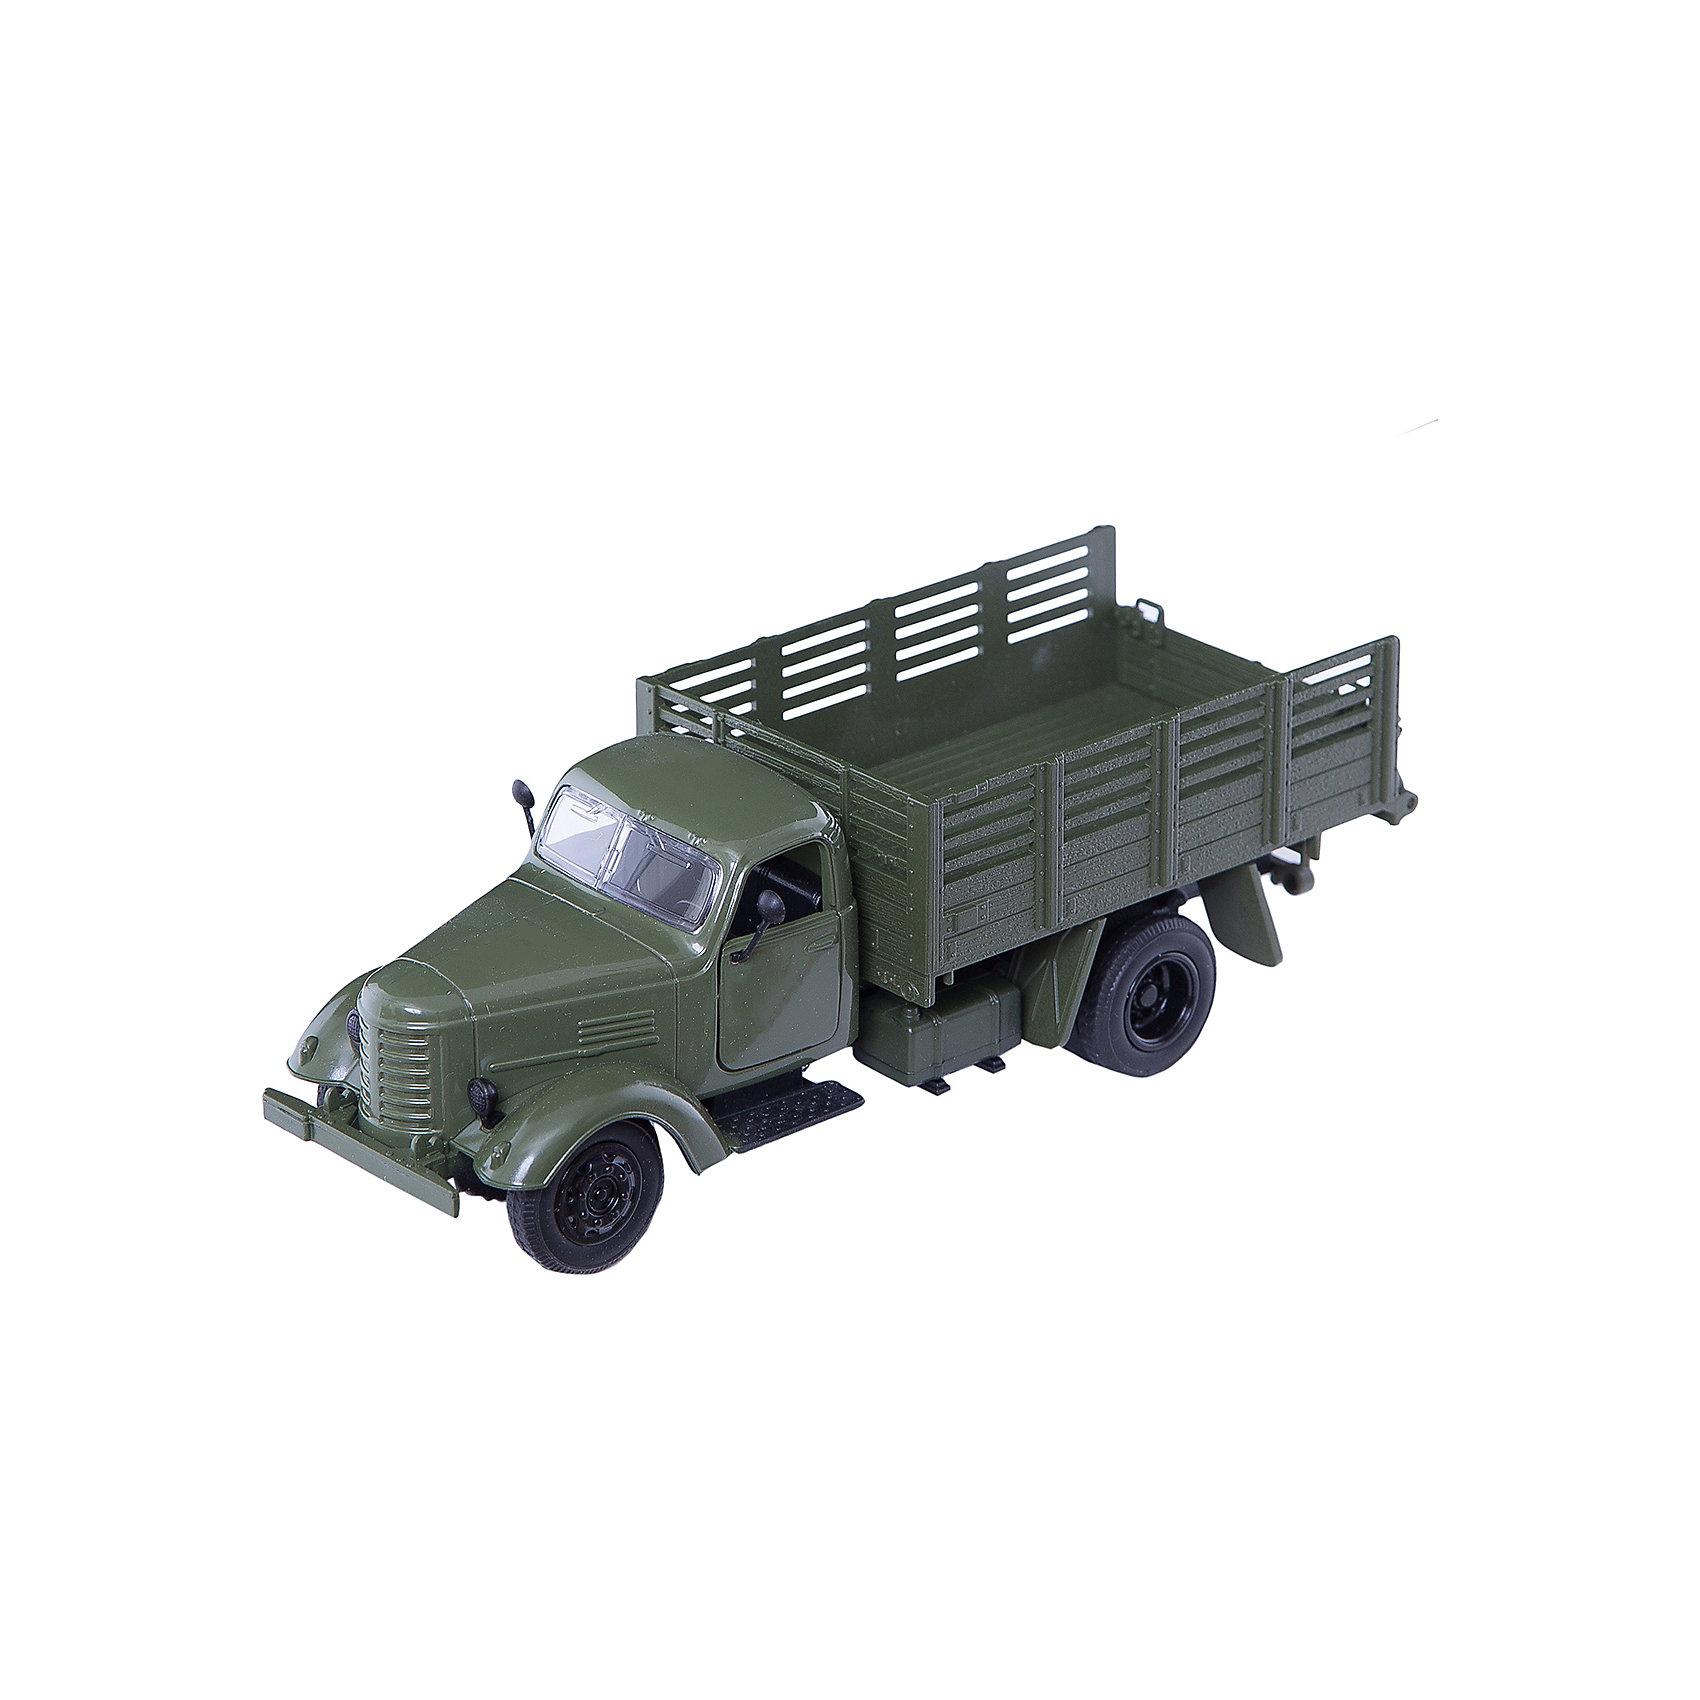 Пламенный мотор Военный грузовик, 1:36, со светом и звуком, Пламенный мотор пламенный мотор машина volvo аварийная служба горгаз 1 32 со светом и звуком пламенный мотор